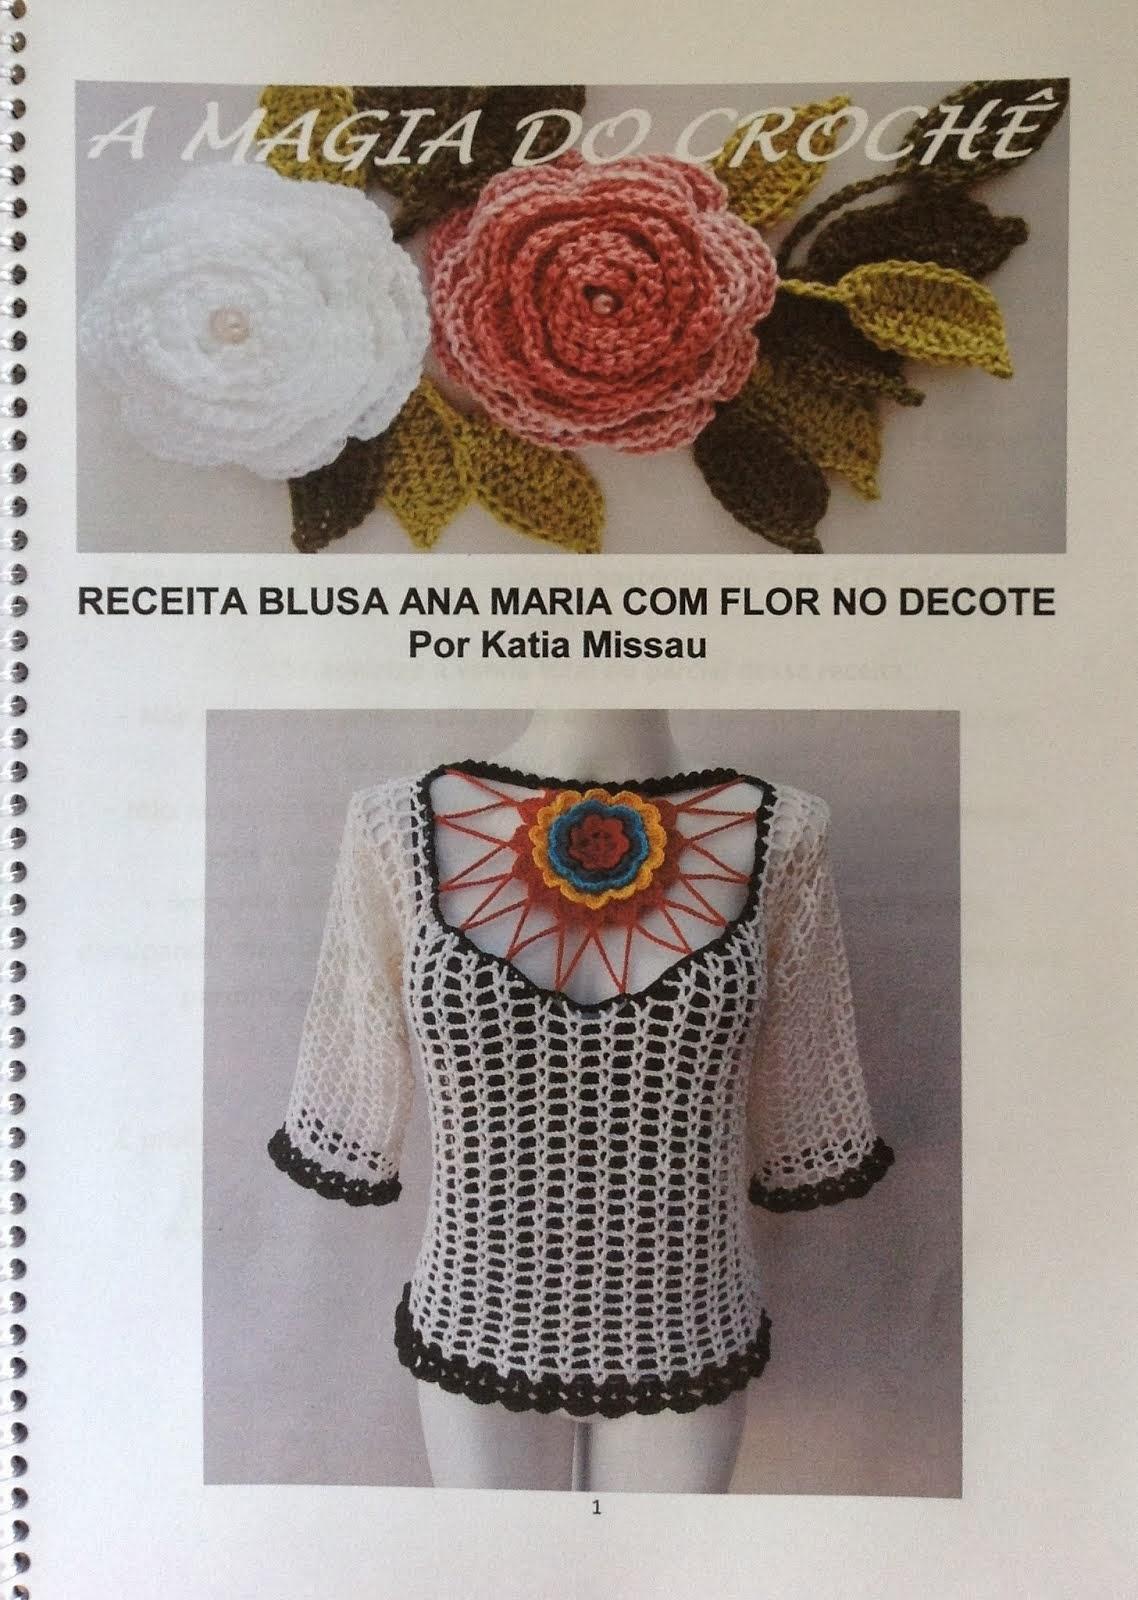 Receita passo a passo Blusa Ana Maria Flor no Decote